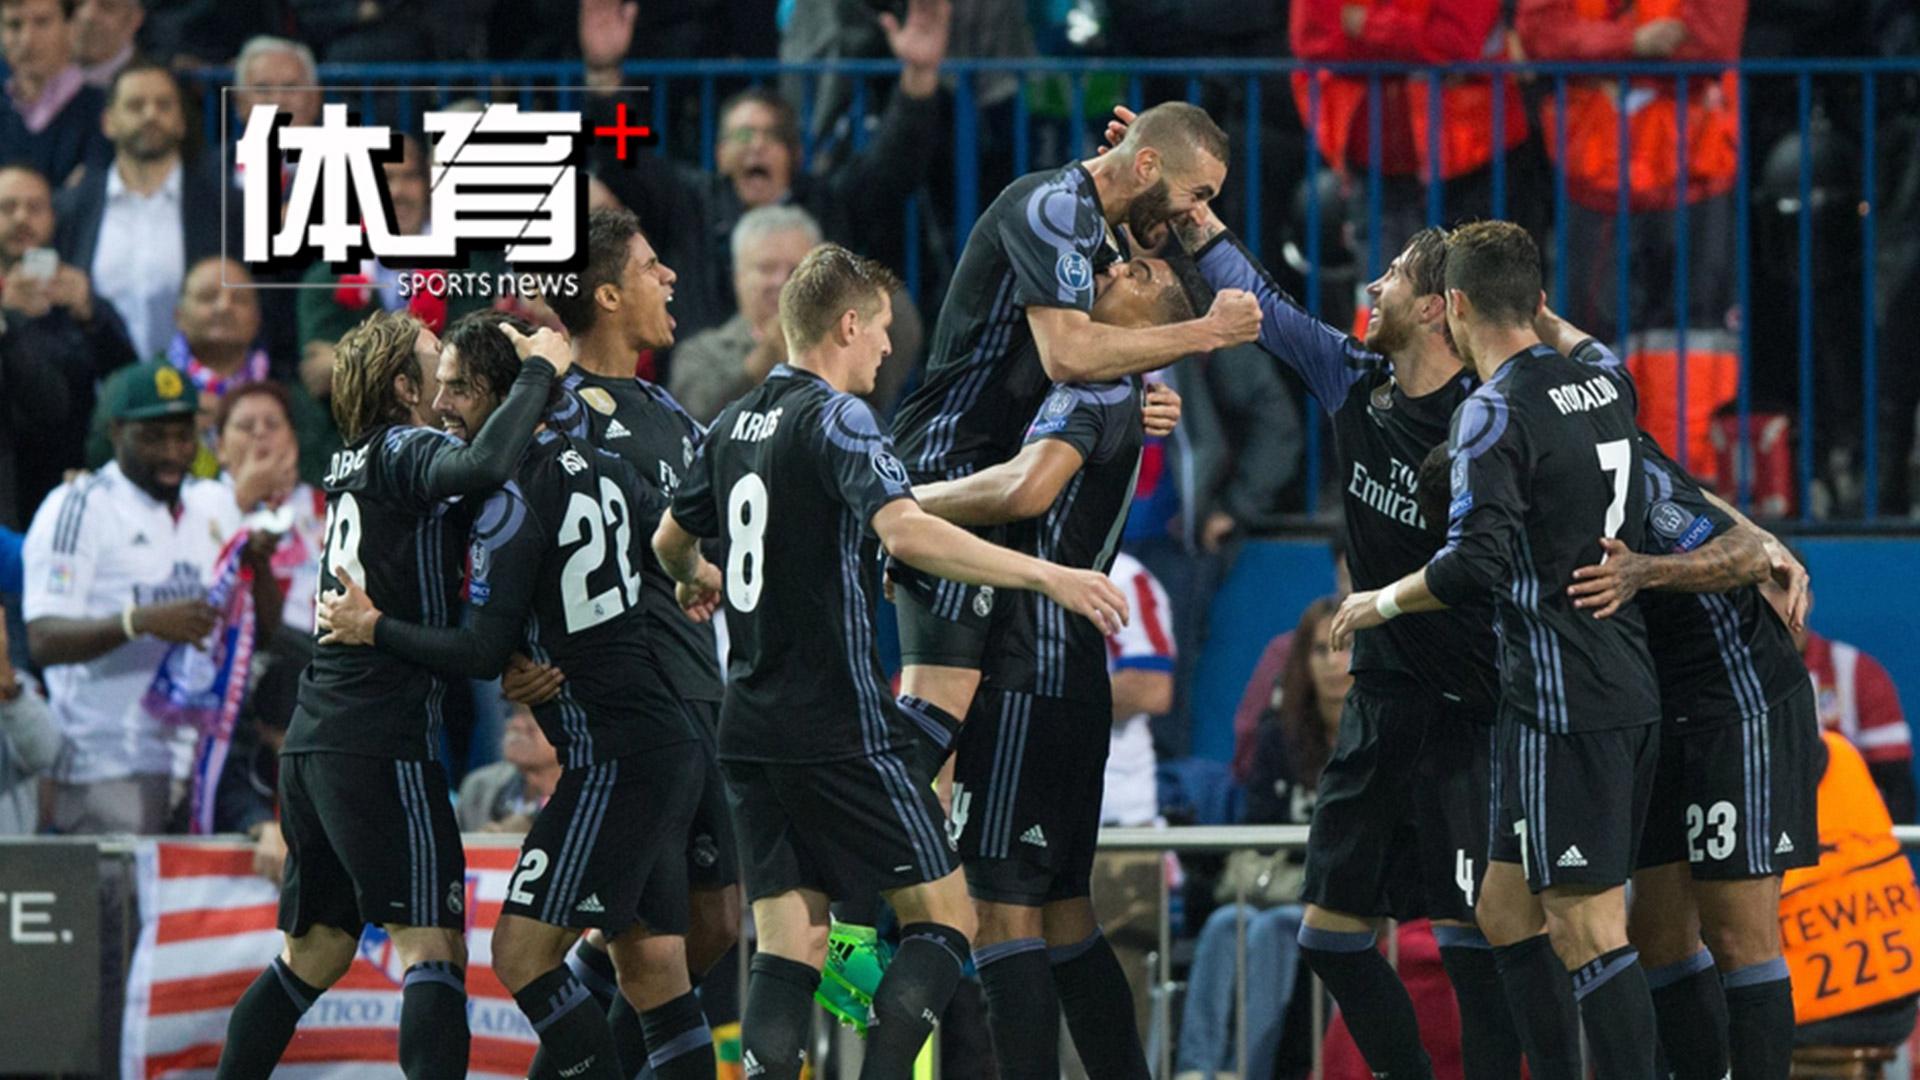 皇马1-2马竞总分4-2晋级 阿森纳2-0客胜升第五